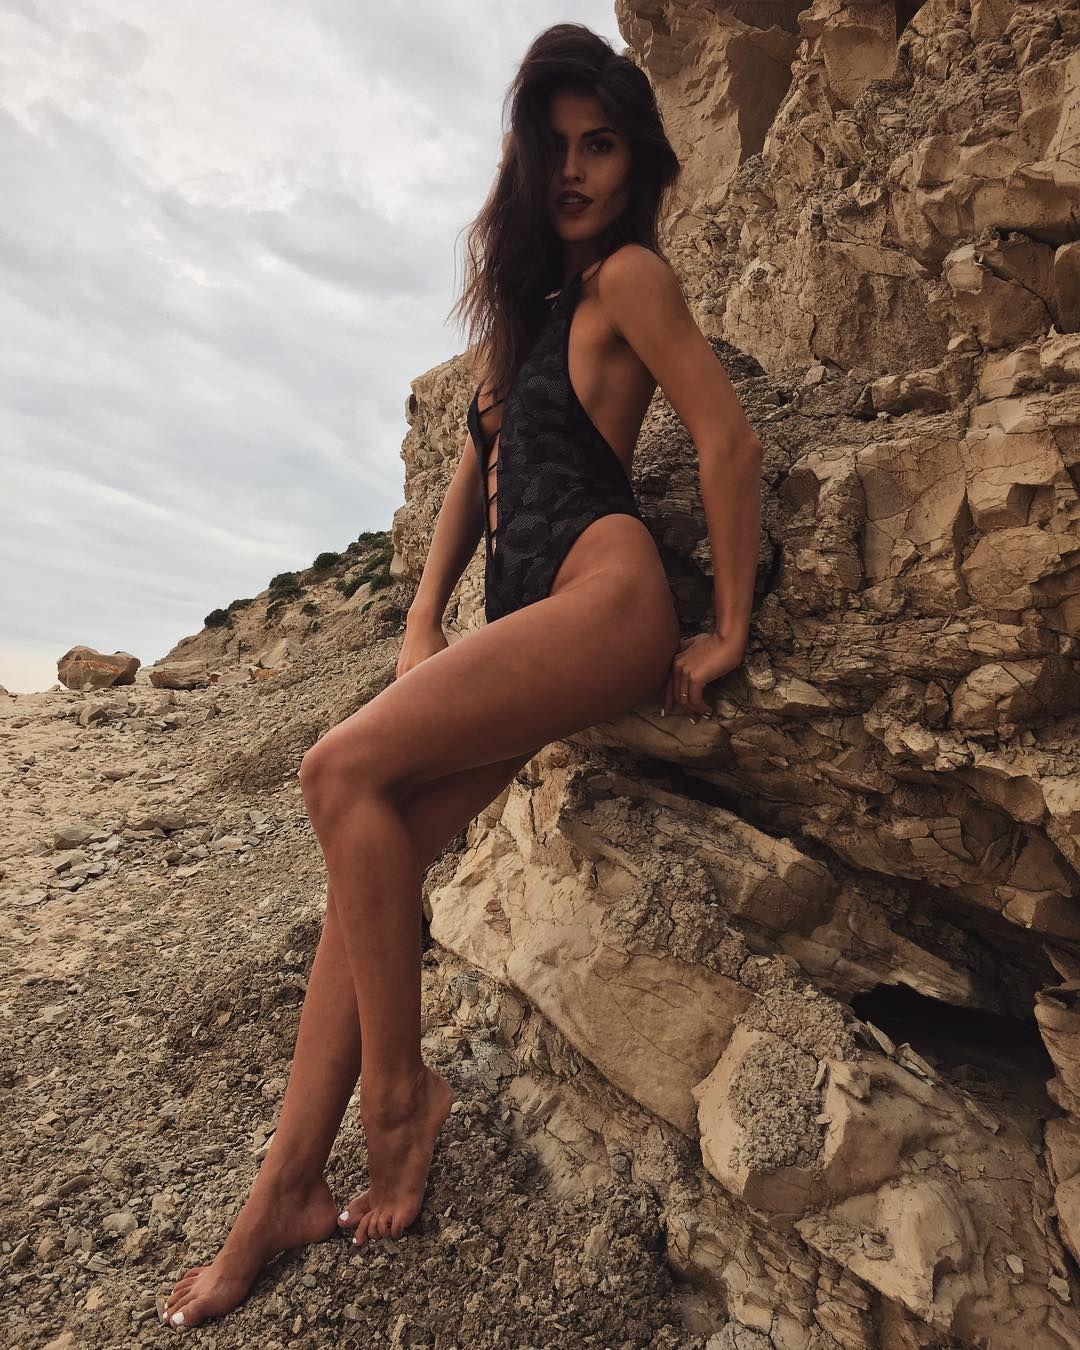 Hilo Sofia Suescun Desnuda Dandose Un Bañoinstagram 19 09 18